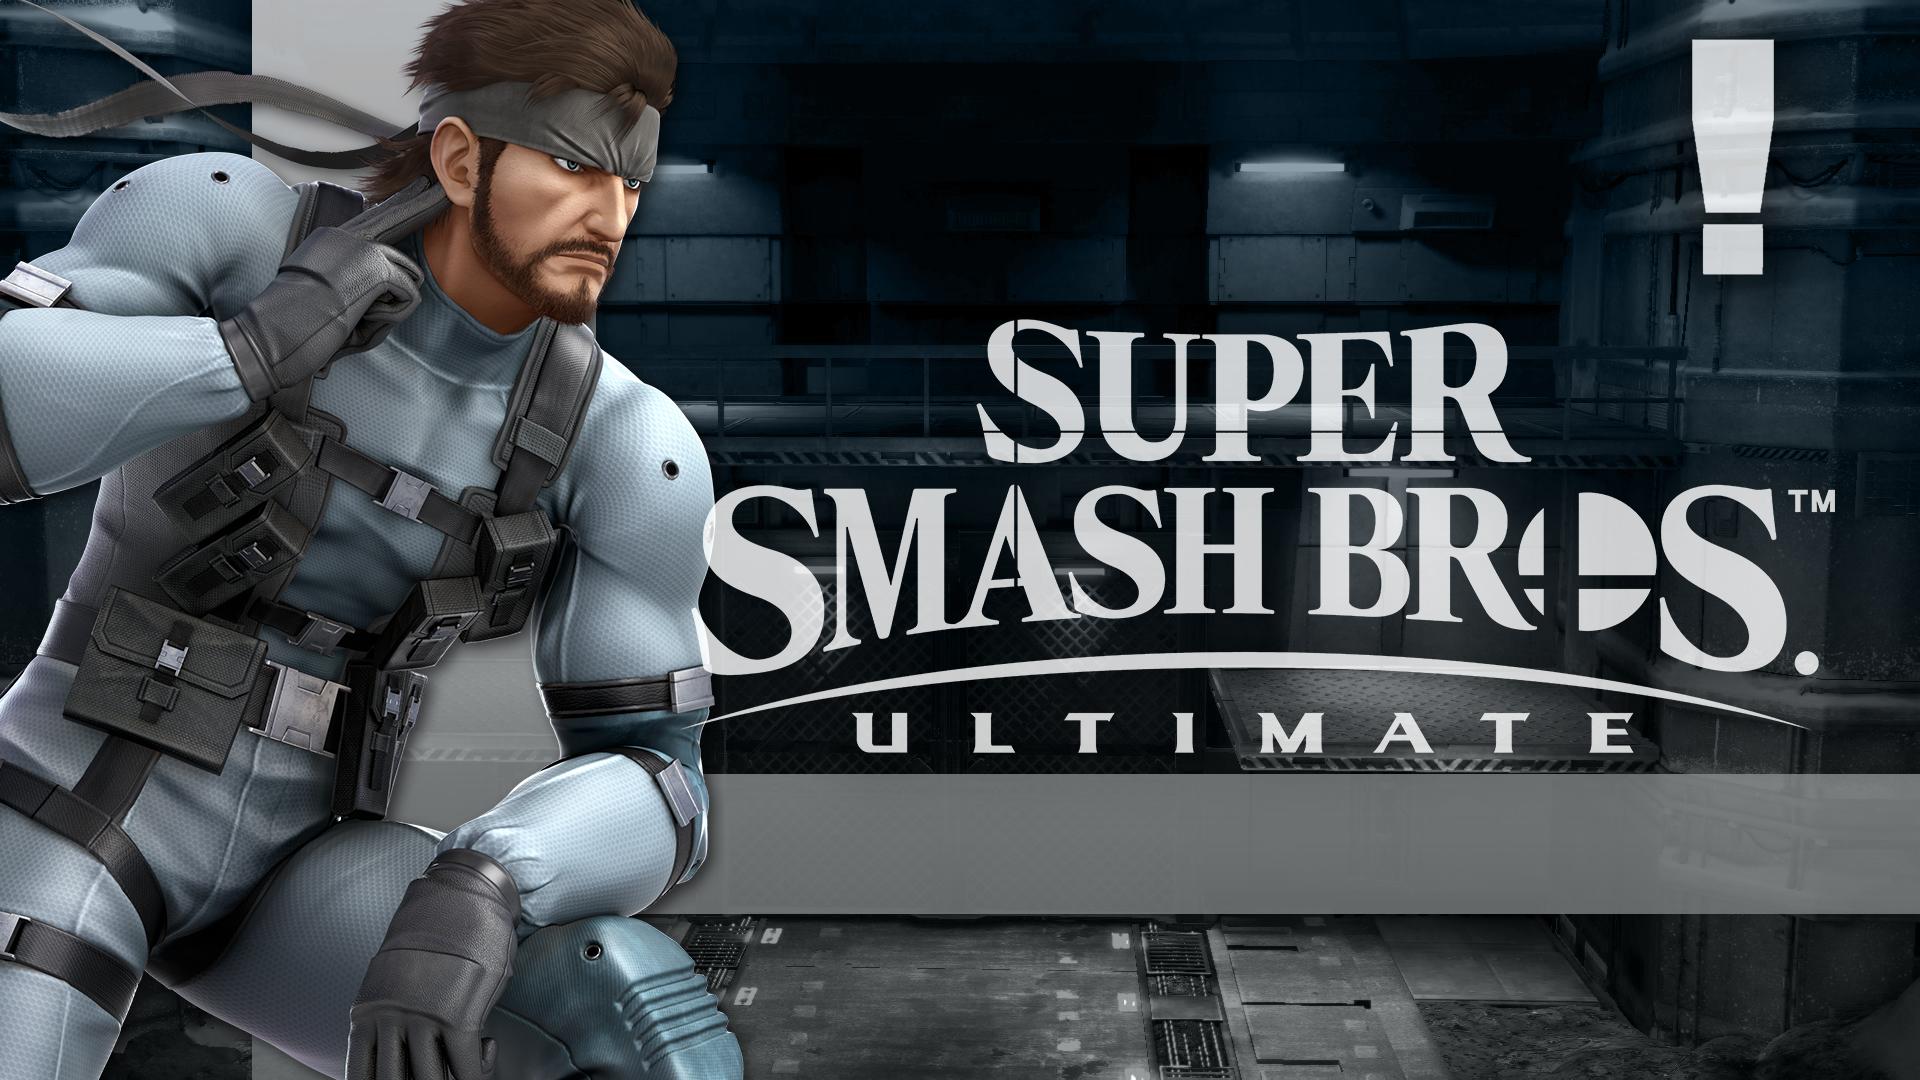 Super Smash Bros, Solid Snake, Crossover, Metal Gear - Super Smash Bros Ultimate Snake - HD Wallpaper